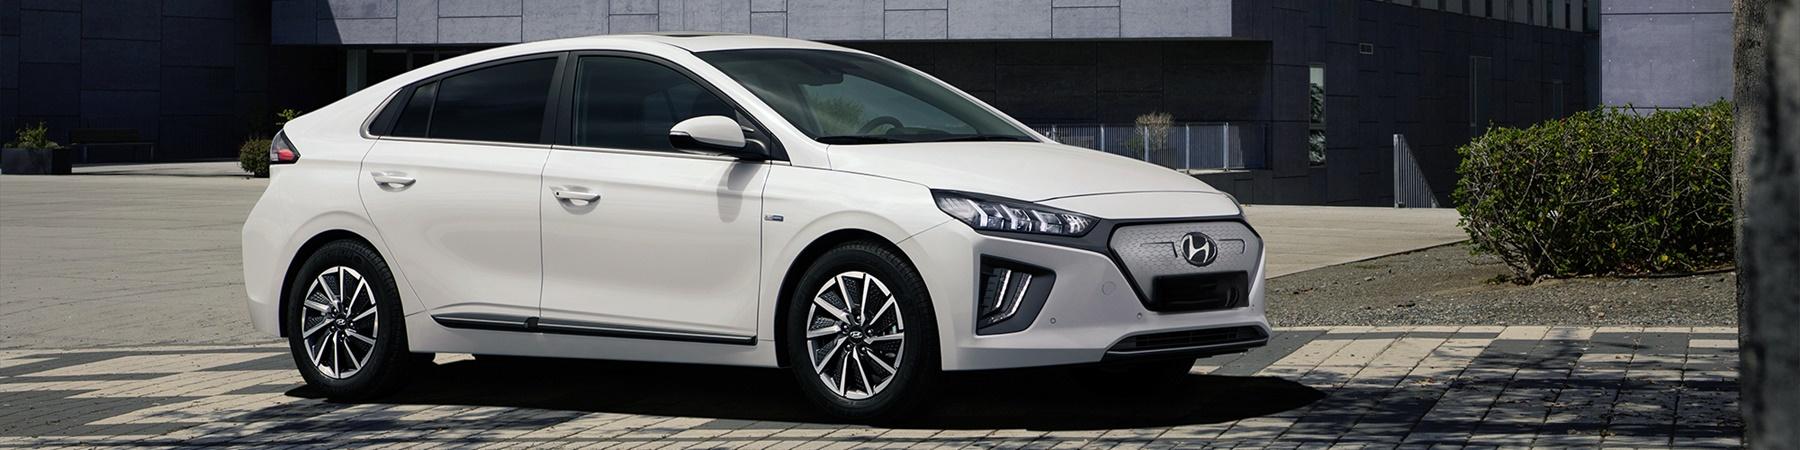 Hyundai IONIQ 38.3kWh 250 km actieradius